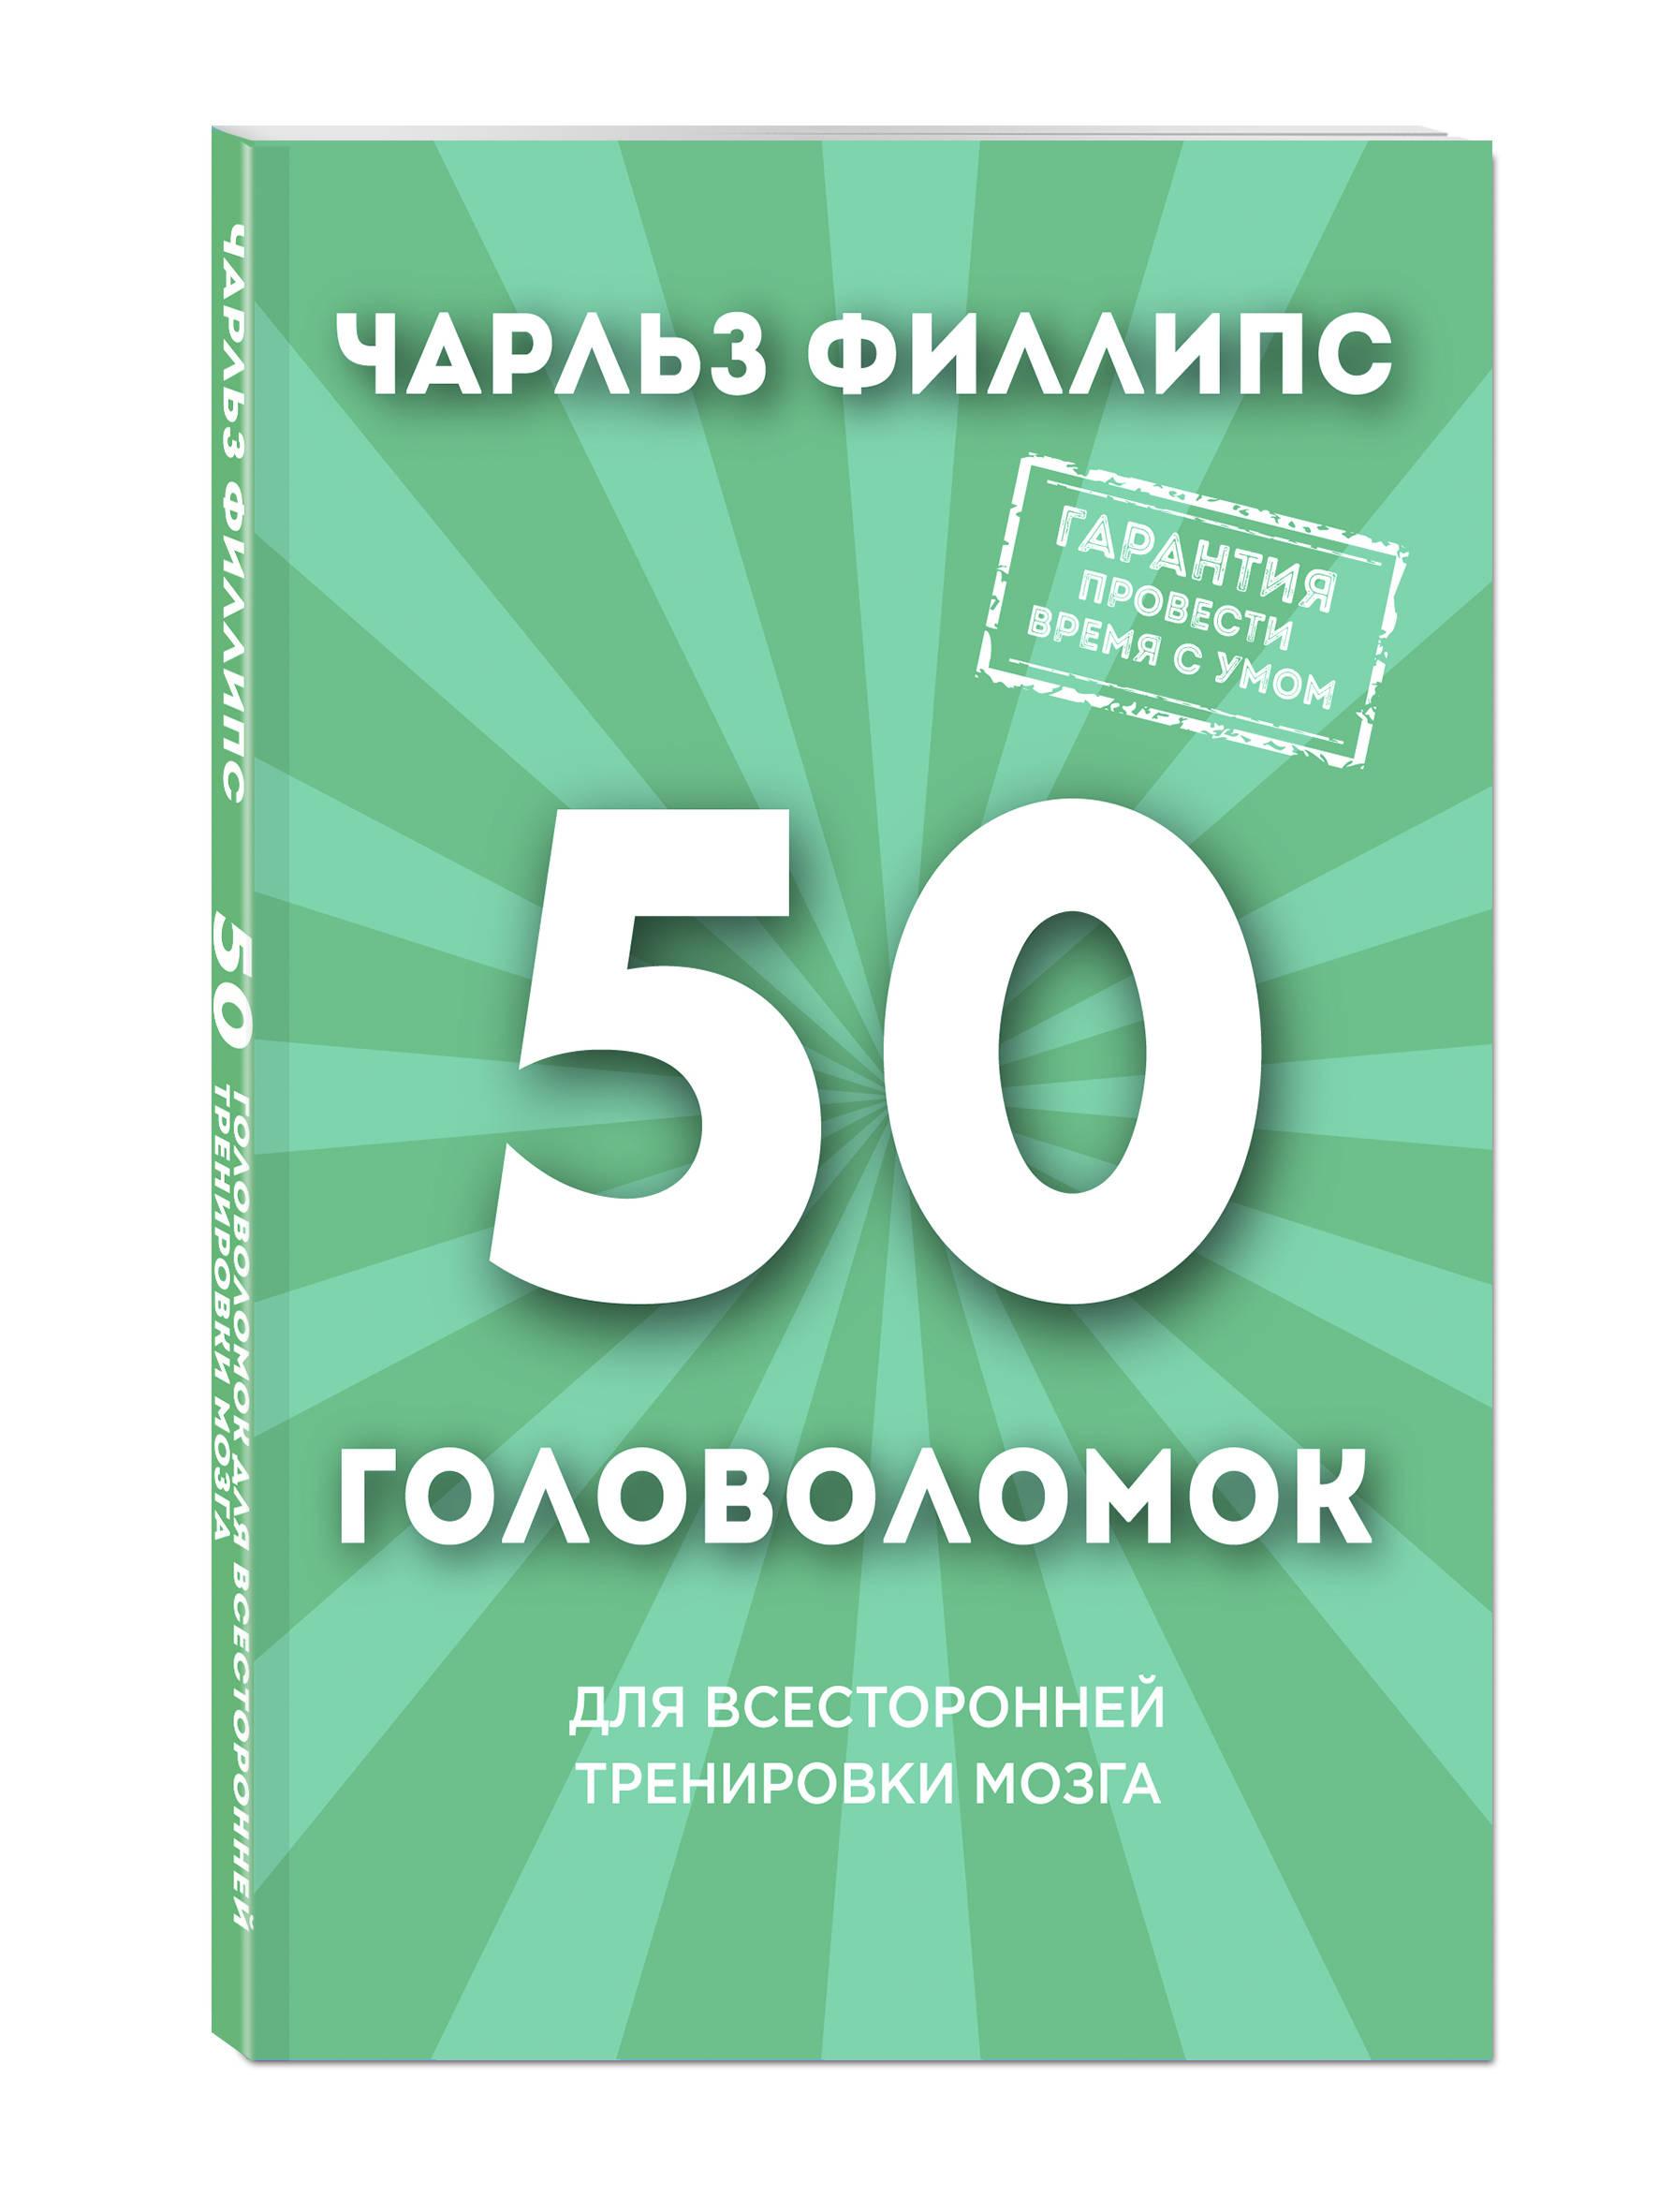 Чарльз Филлипс 50 головоломок для всесторонней тренировки мозга чарльз филлипс левое и правое полушарие 25 25 задач для всесторонней тренировки мозга